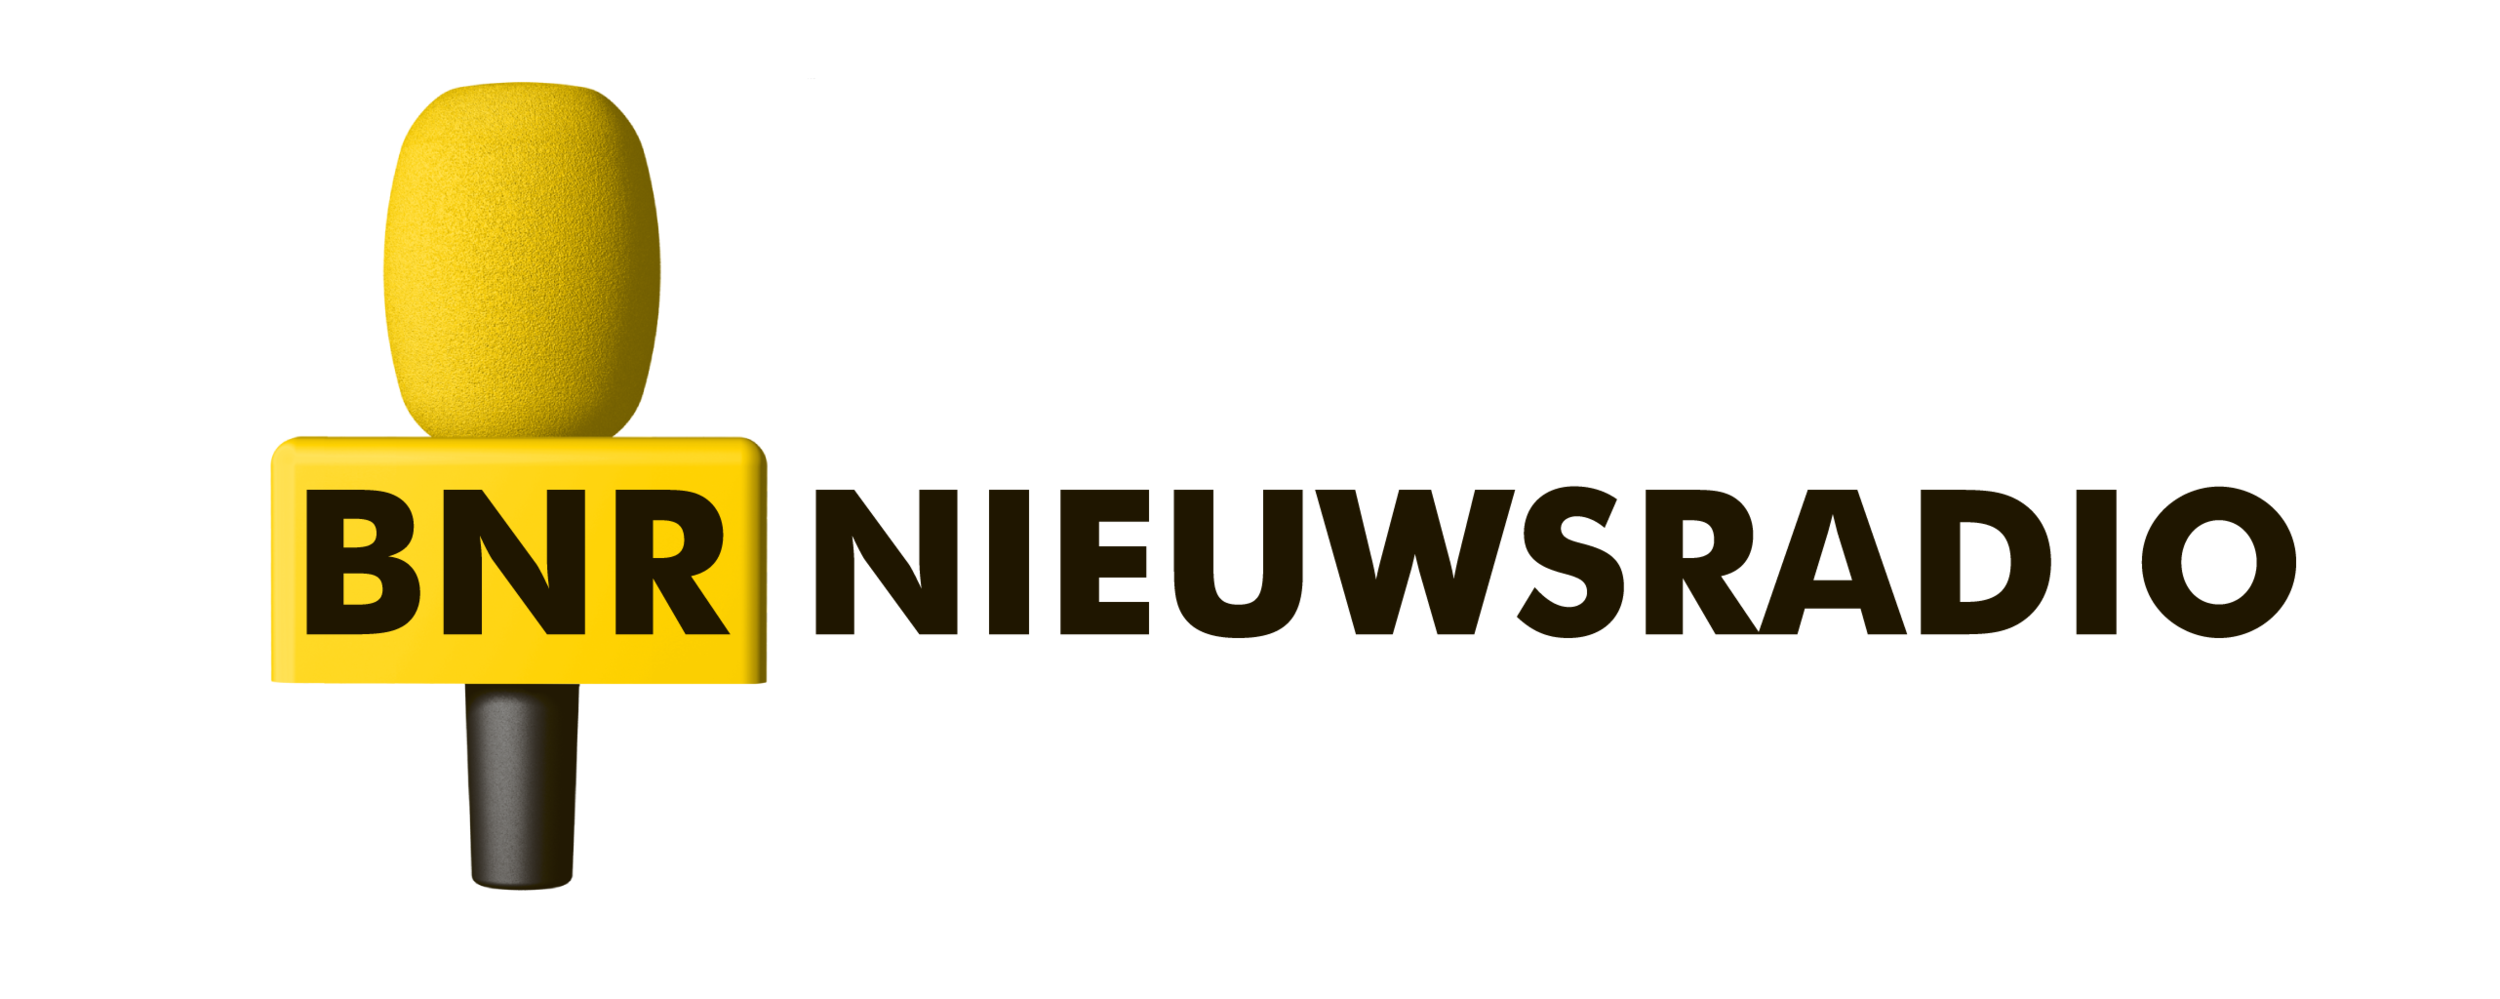 BNR-NIEUWSRADIO.png